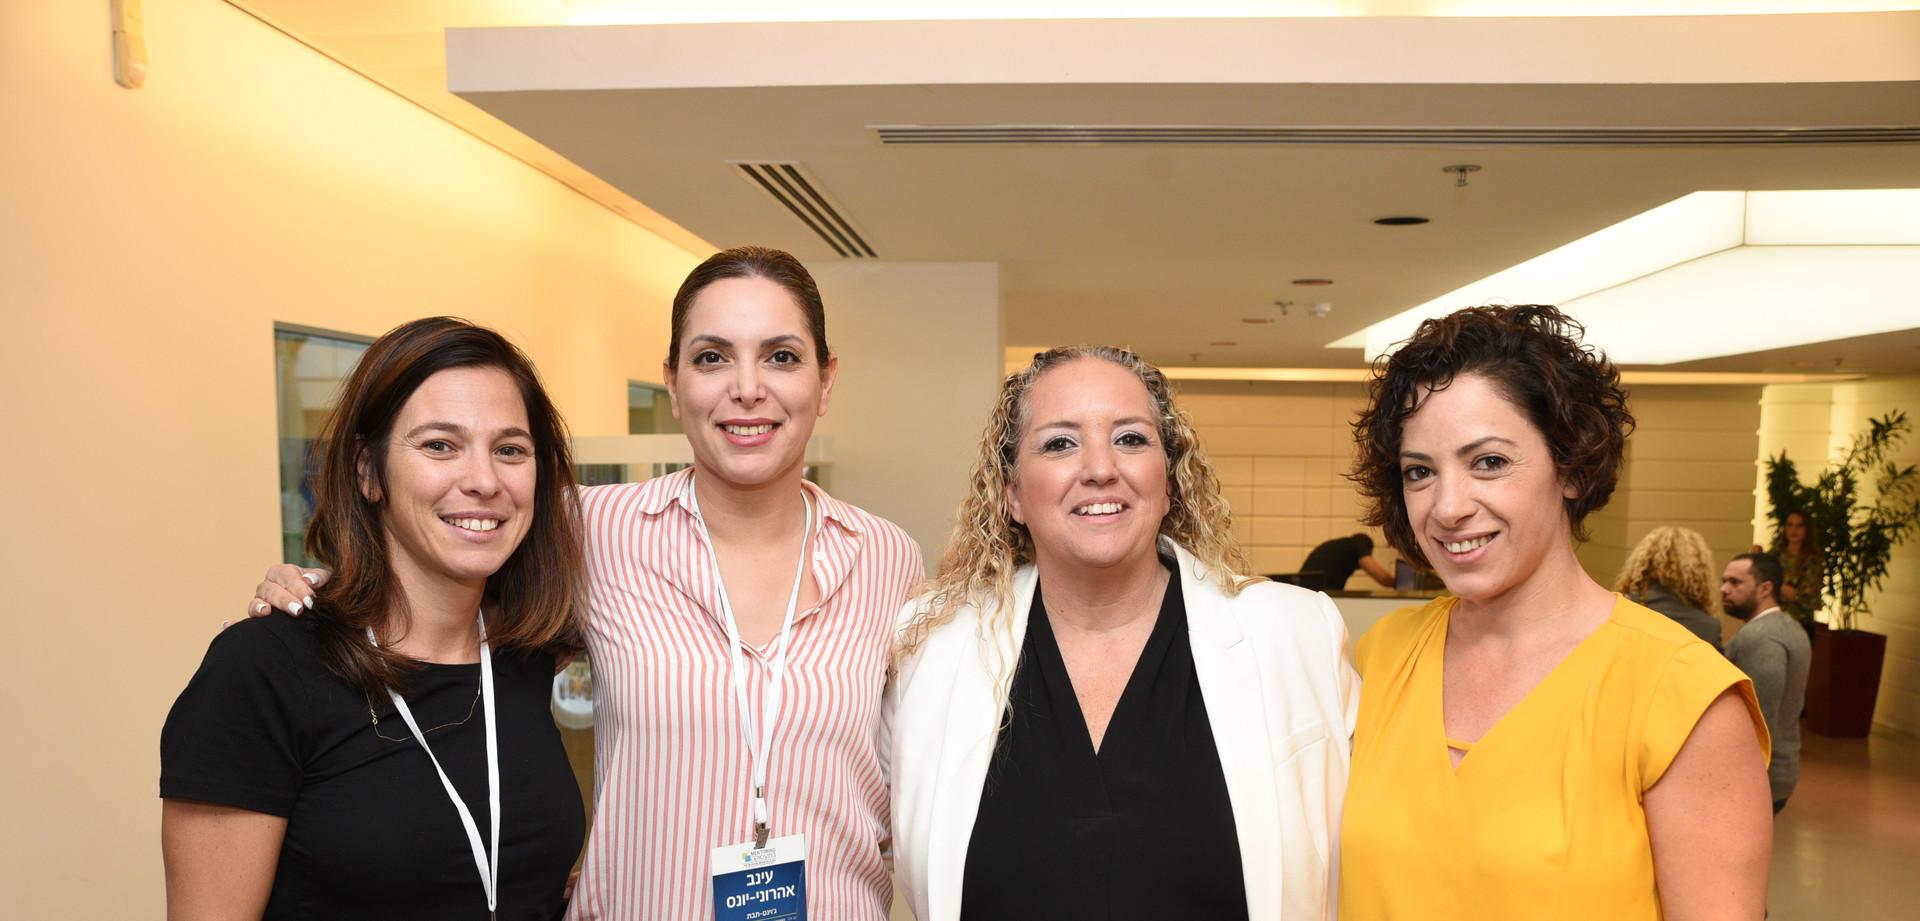 ארבע נשים עומדות מחובקות אחת ליד השנייה